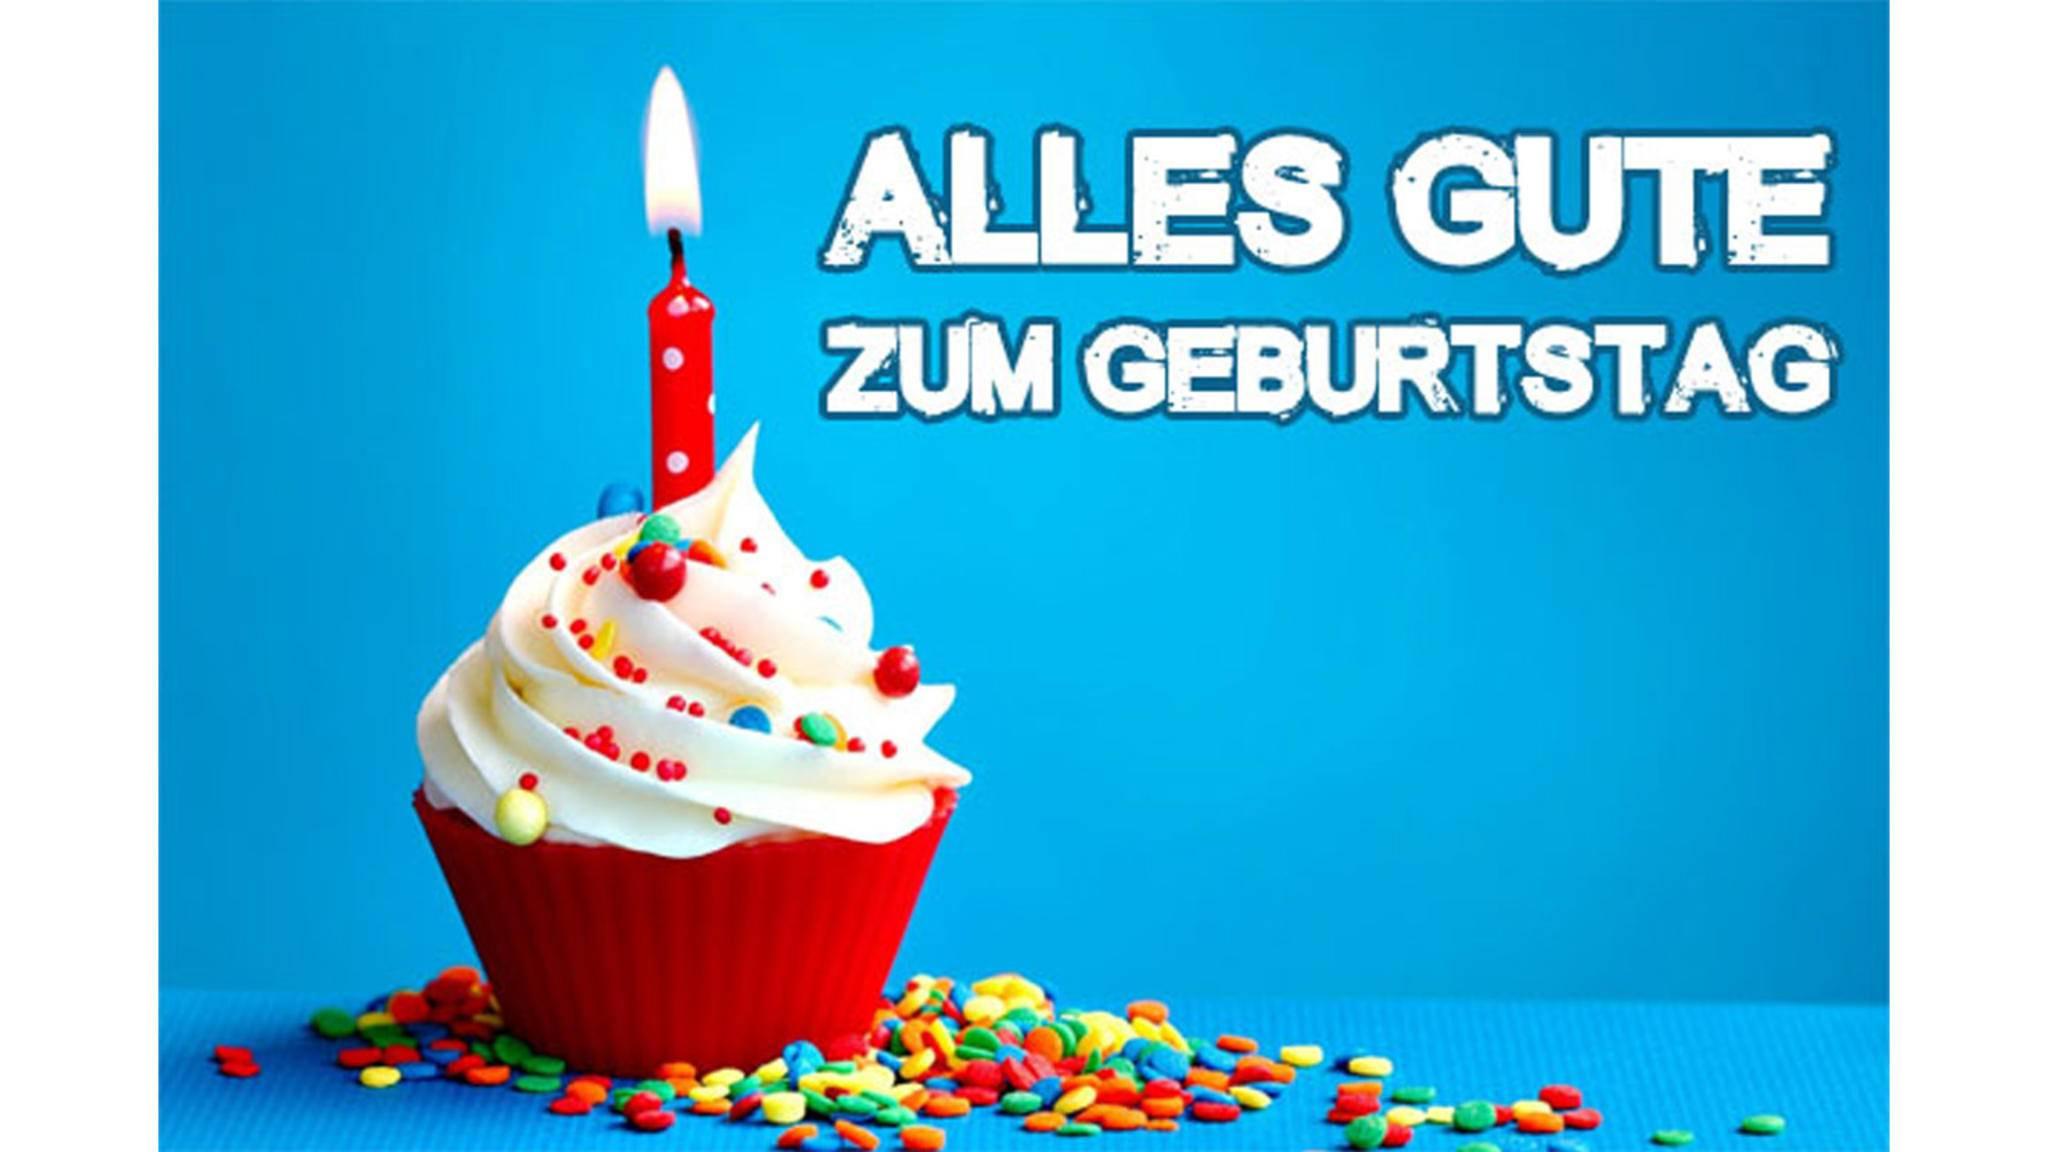 Whatsapp: 39 Vorlagen Für Bilder, Videos & Grüße Zum Geburtstag ganzes Geburtstagsmotive